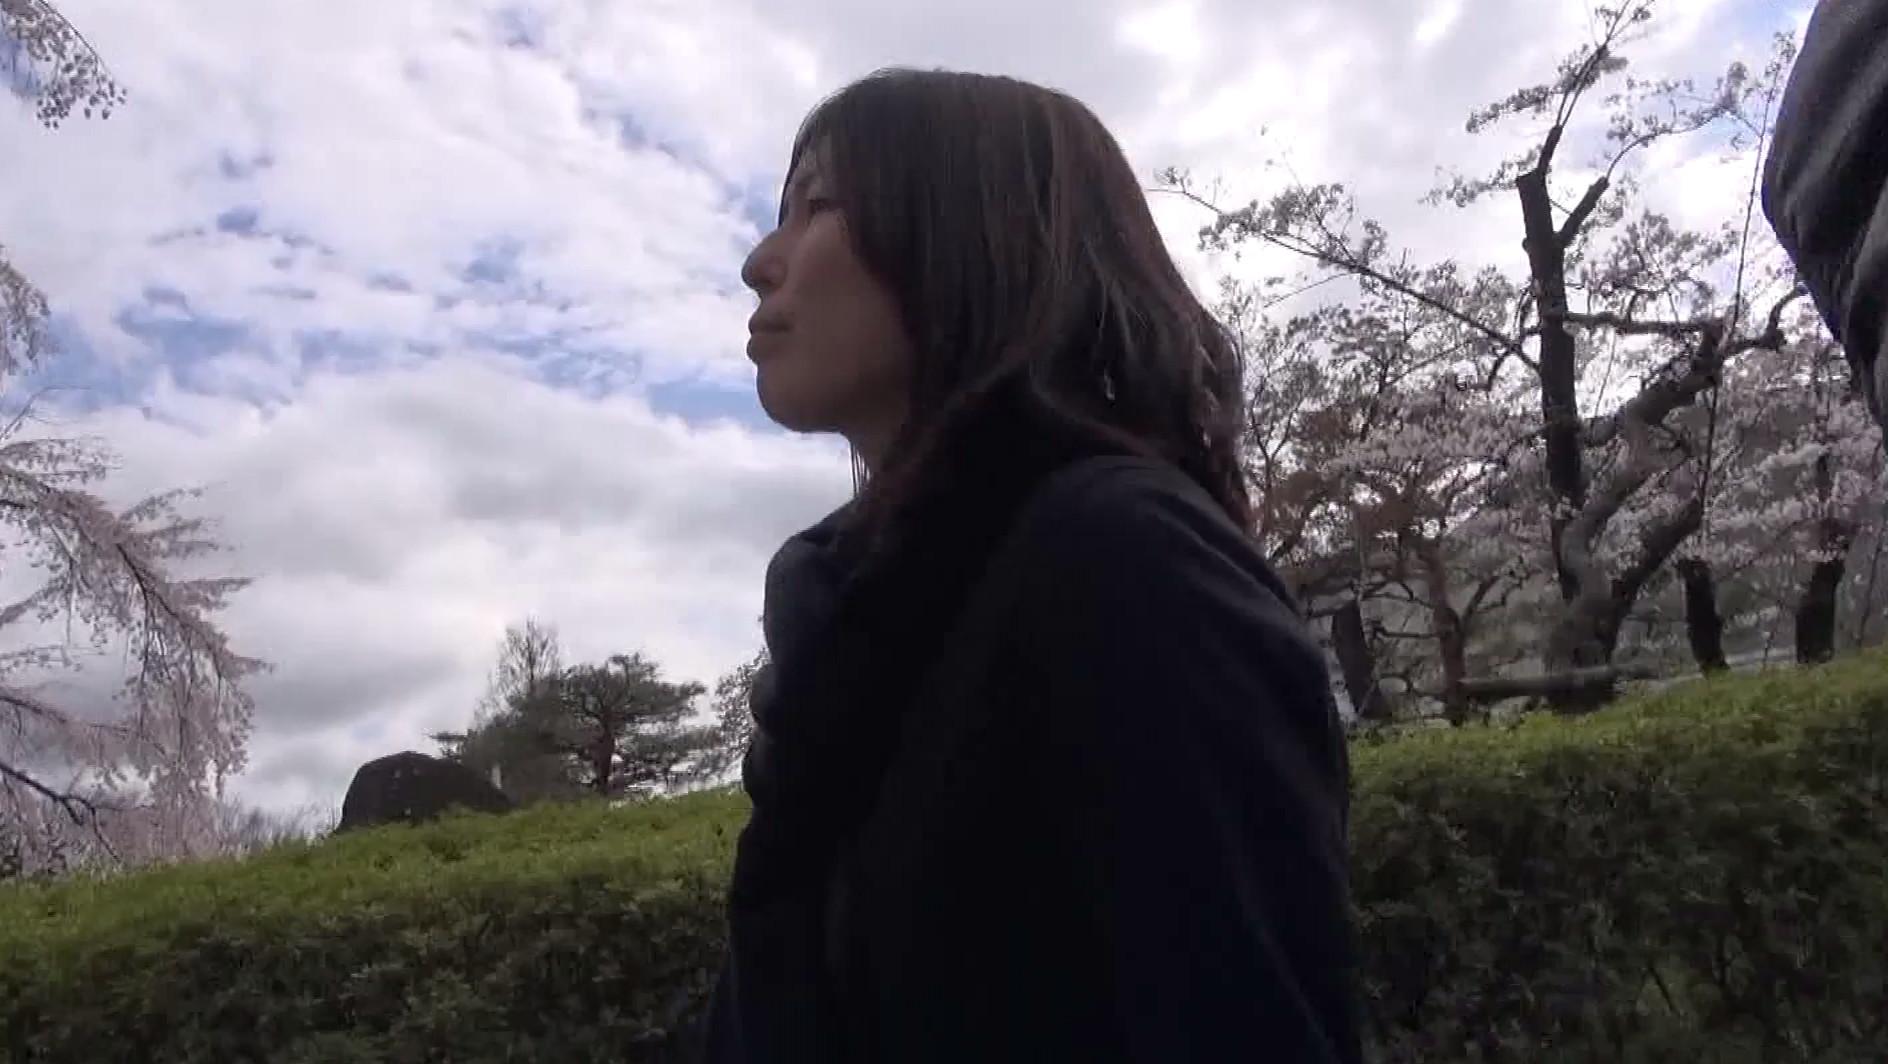 人妻不倫旅行155 無料サンプル画像 この動画のサンプル画像はクリックで拡大できます。